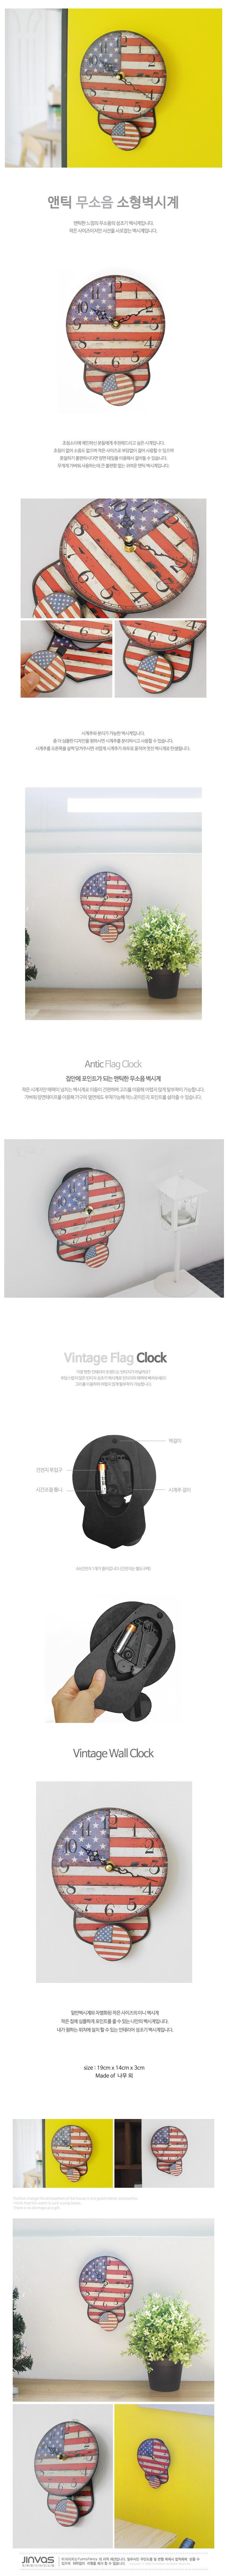 앤틱한 무소음 소형벽시계 - 진바스, 9,900원, 벽시계, 무소음/저소음